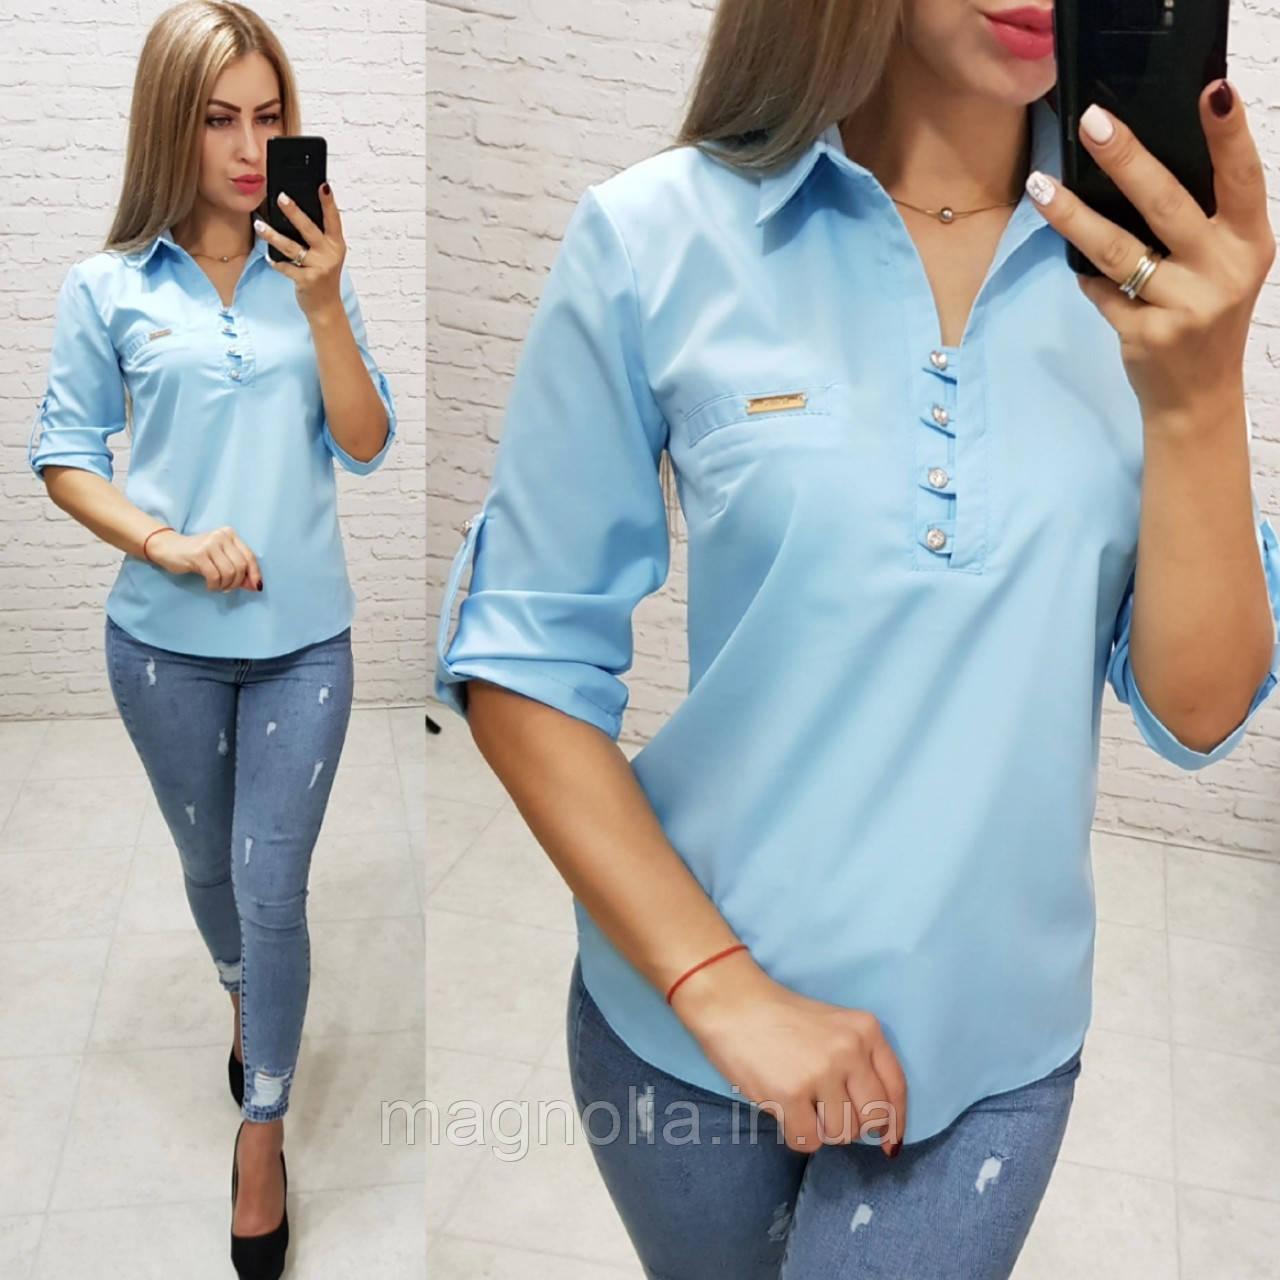 Рубашка / блуза / блузка арт. 828 голубая / голубой цвет / светло-голубая